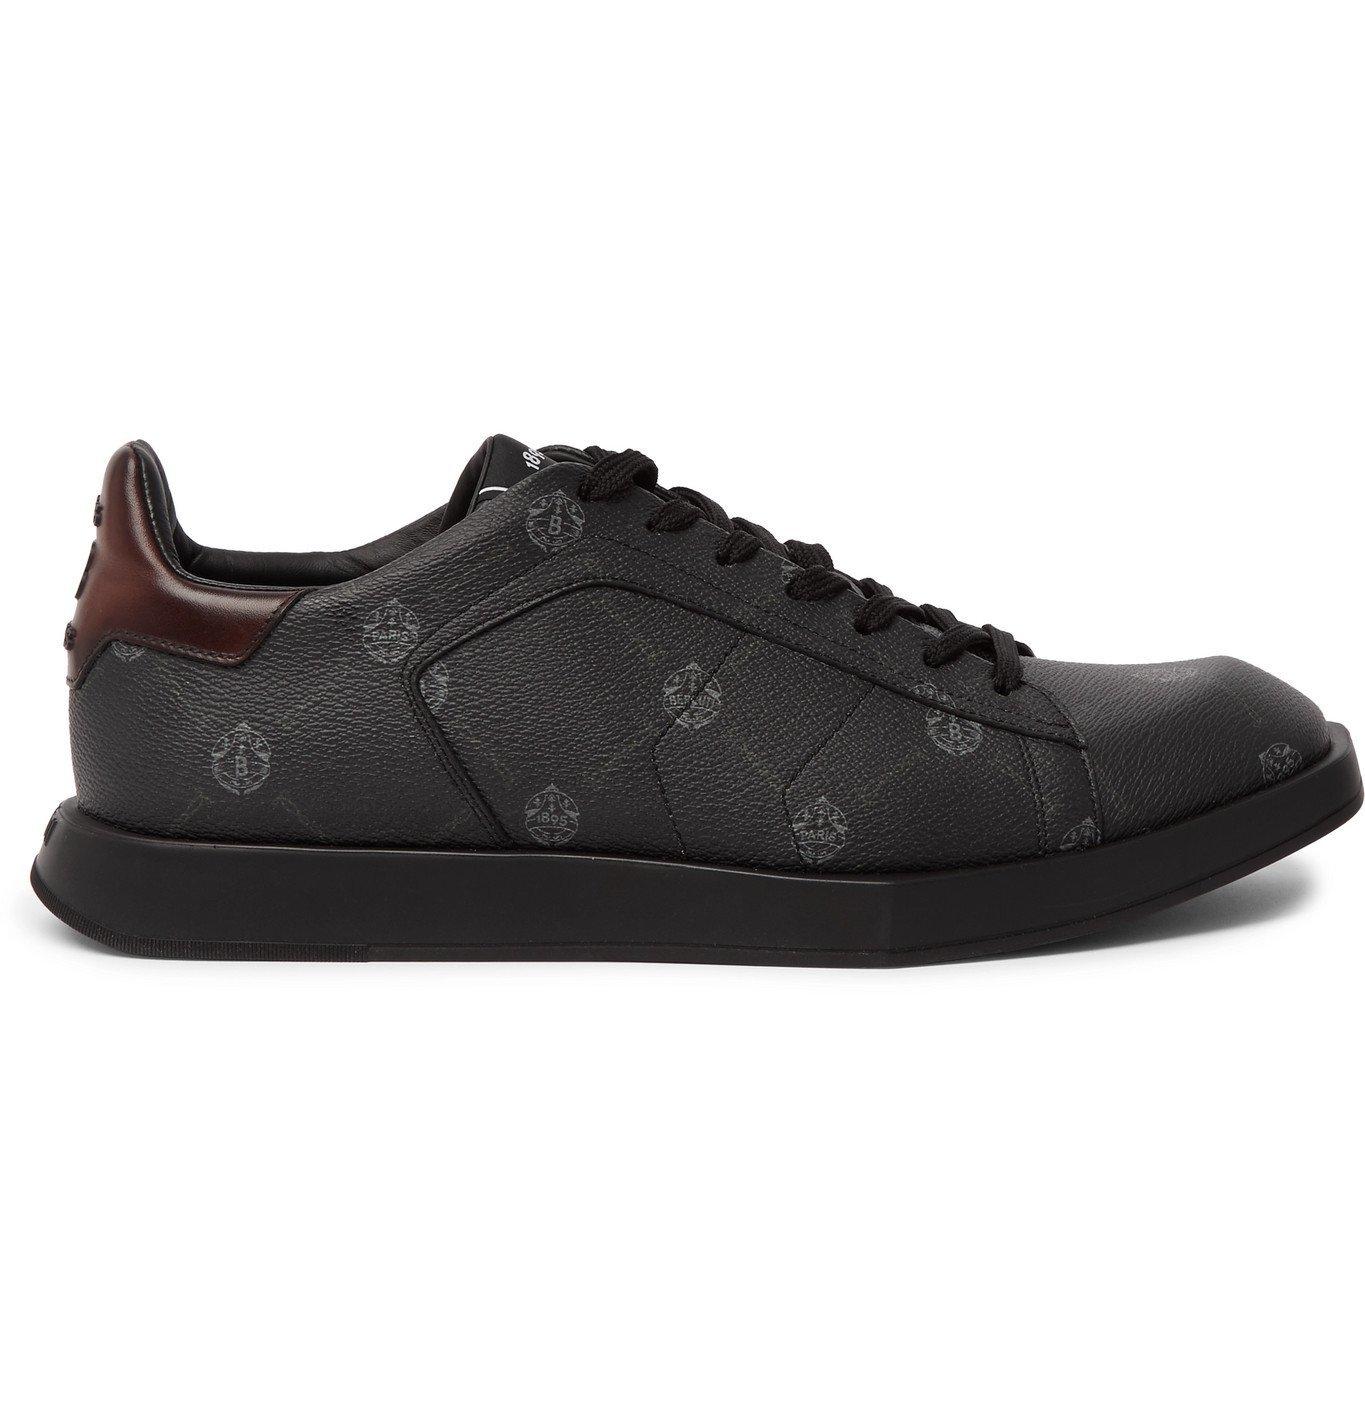 Berluti - Stellar Logo-Print Full-Grain Leather Sneakers - Black